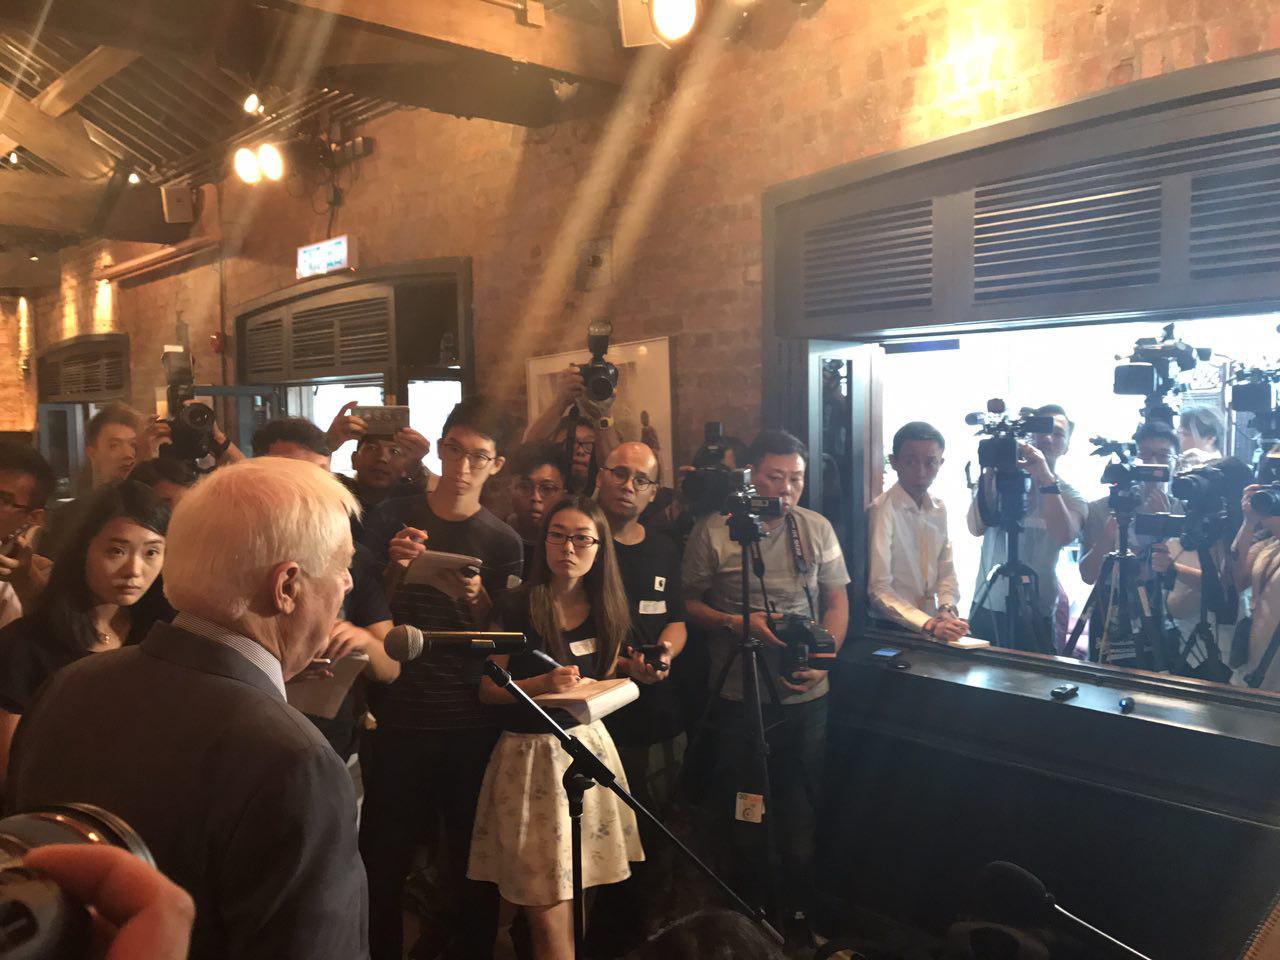 彭定康出席外國新聞發佈會演講,吸引大批傳媒到場採訪。(林怡/大紀元)